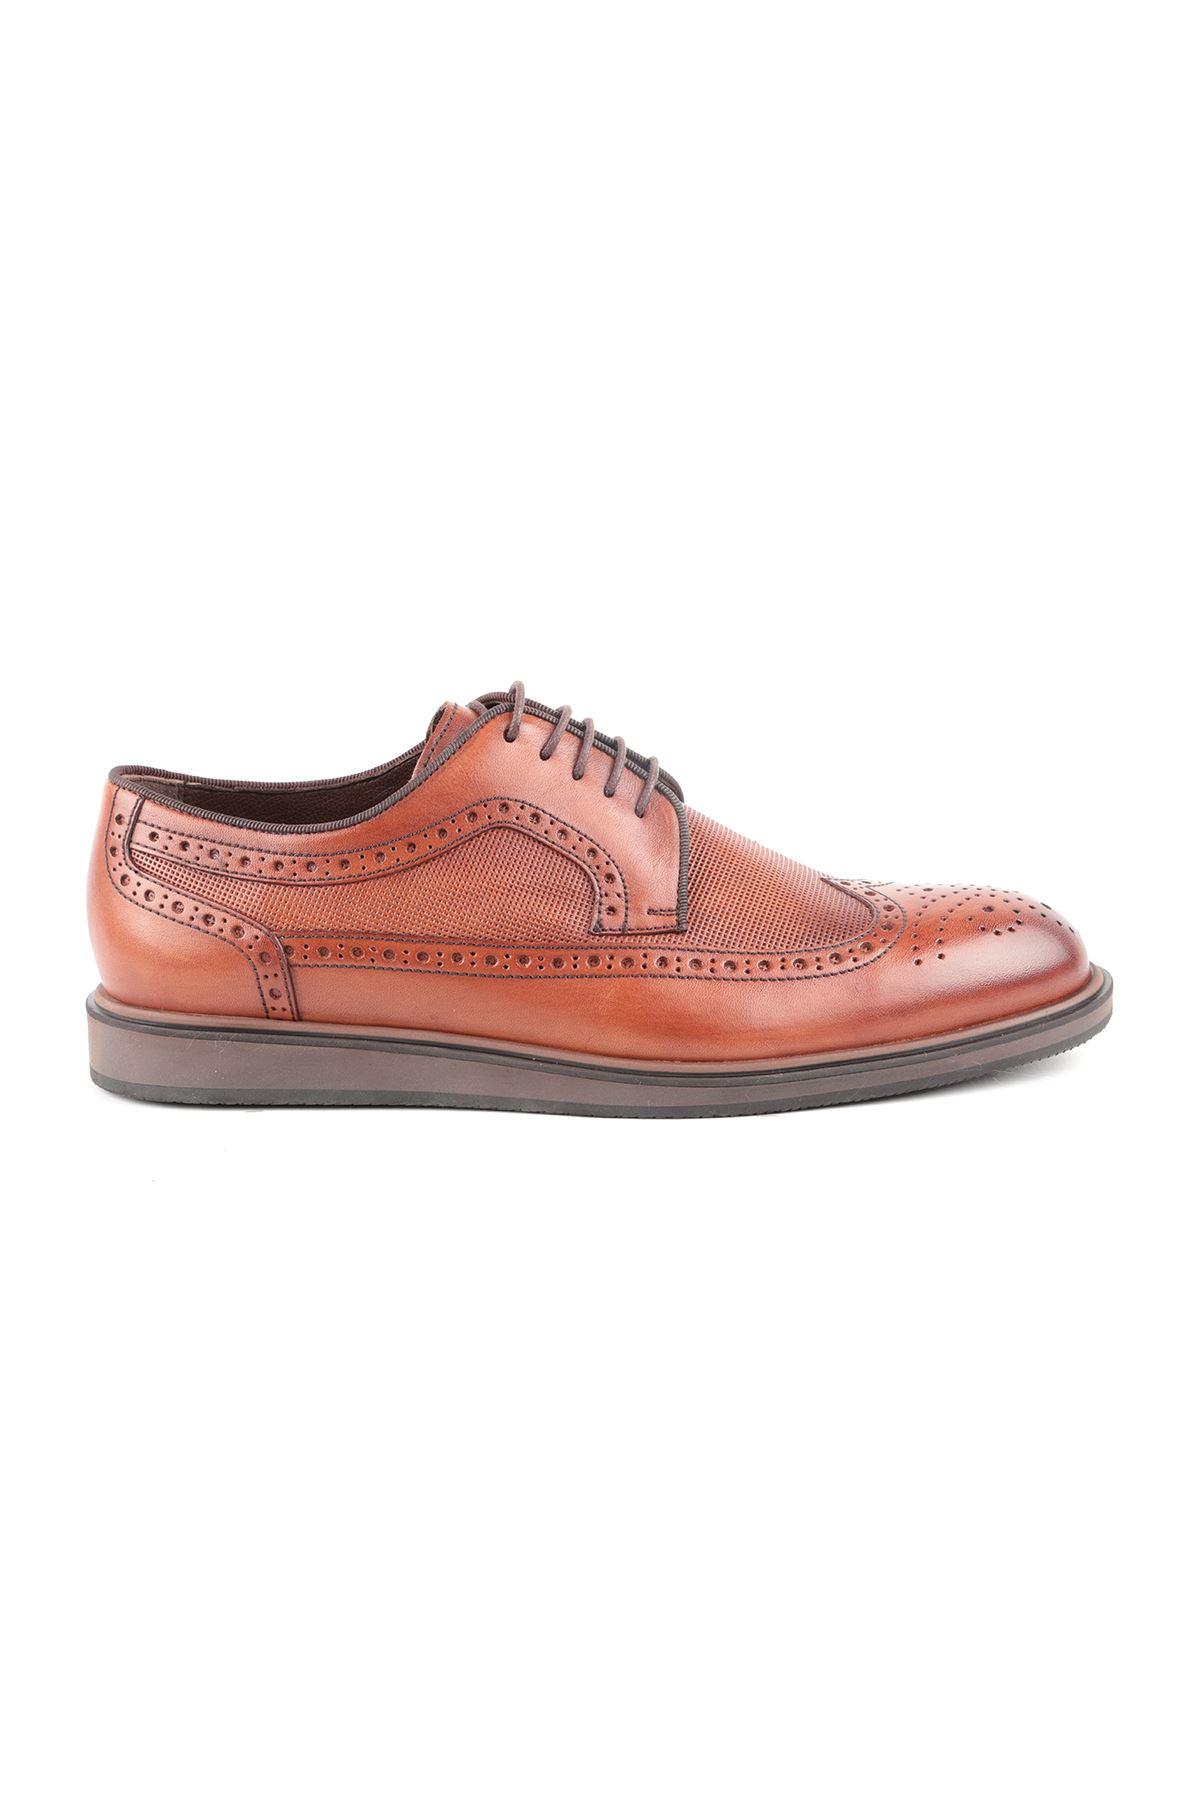 Libero L3722 Tan Men Shoes